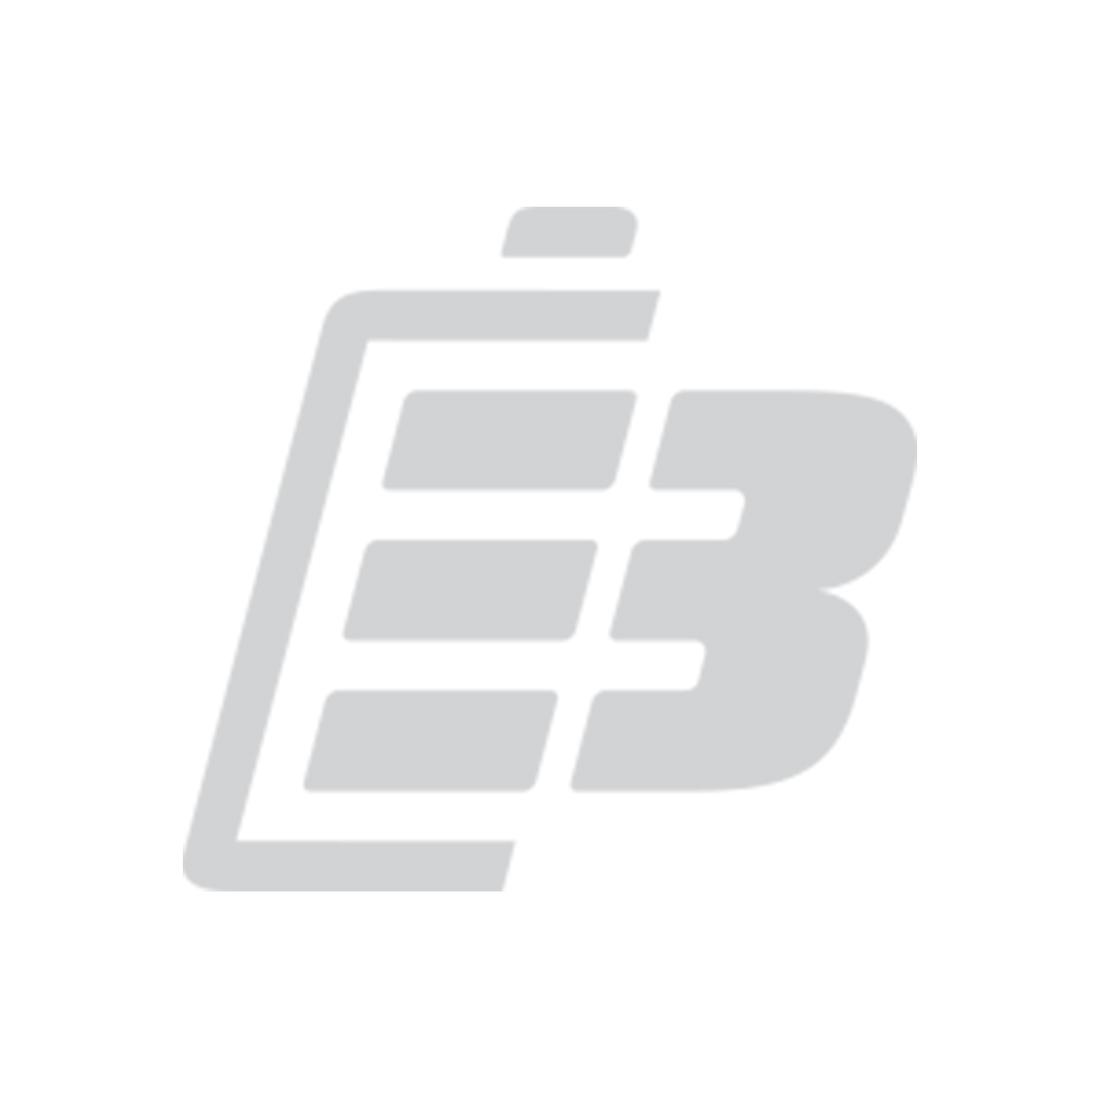 Power tool battery Bosch 18V 3.0Ah_1